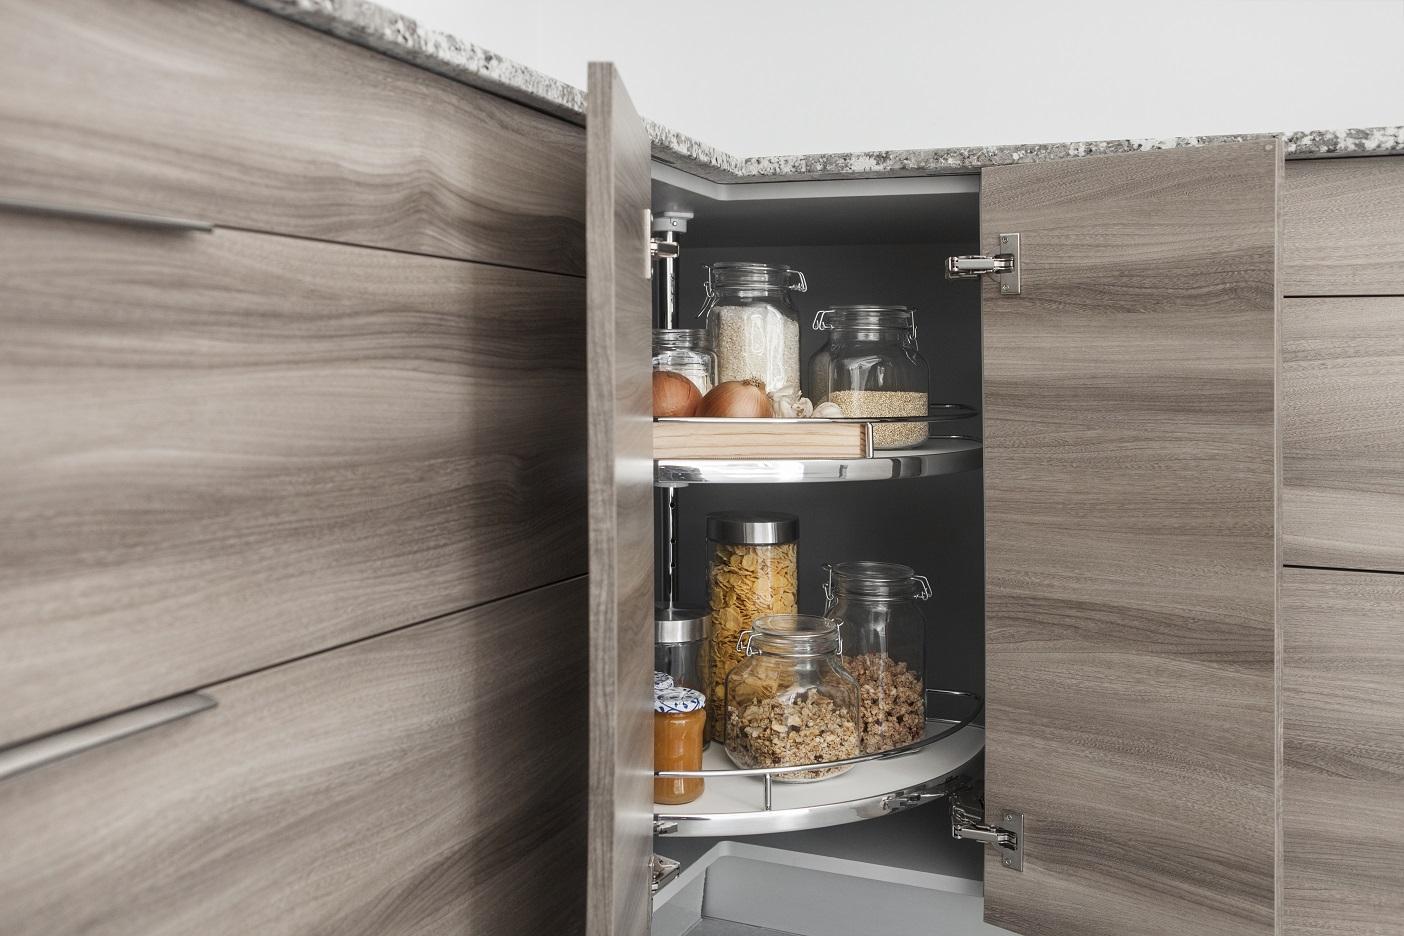 Soluci n para rincones muebles de cocina vitoria gast iz for Configurador cocinas